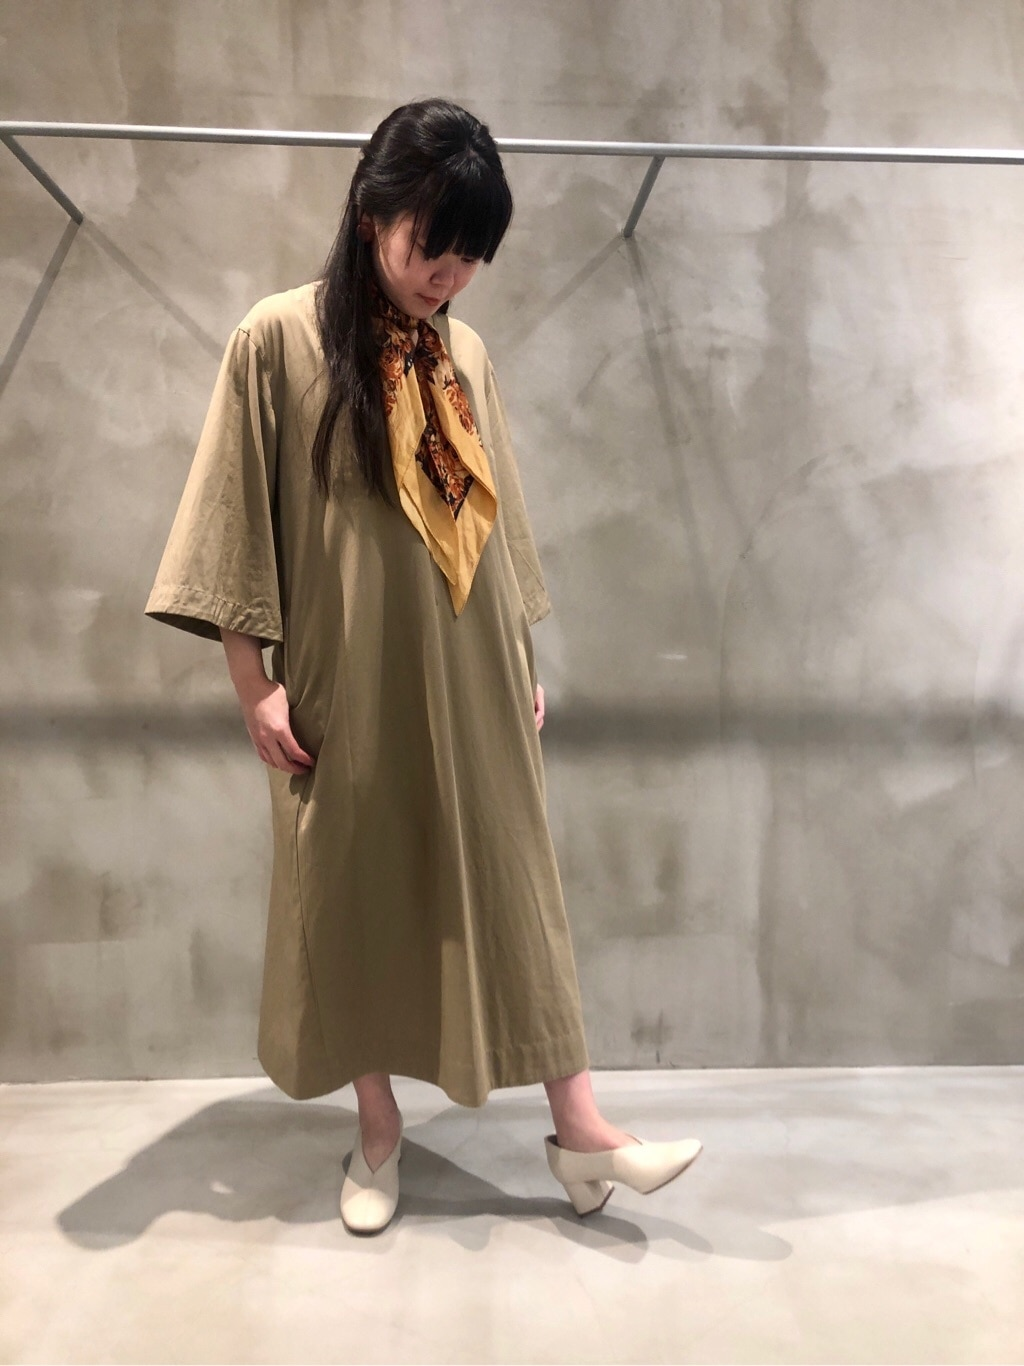 渋谷スクランブルスクエア 2020.04.08